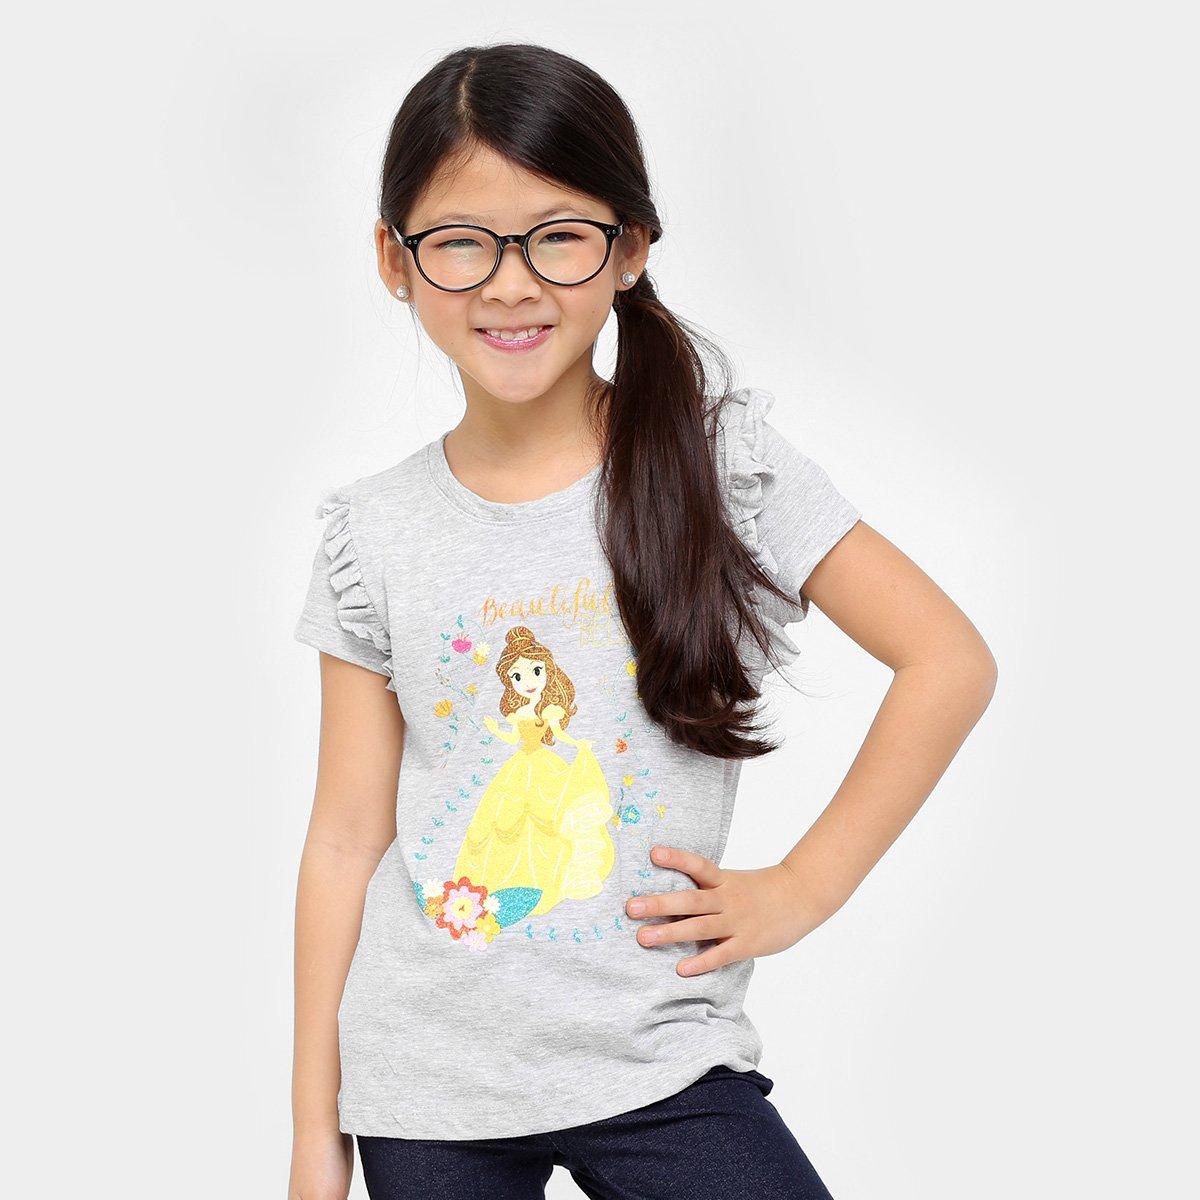 Bela Disney Camiseta Infantil Disney Bela Mescla Camiseta qRI4wa7xI